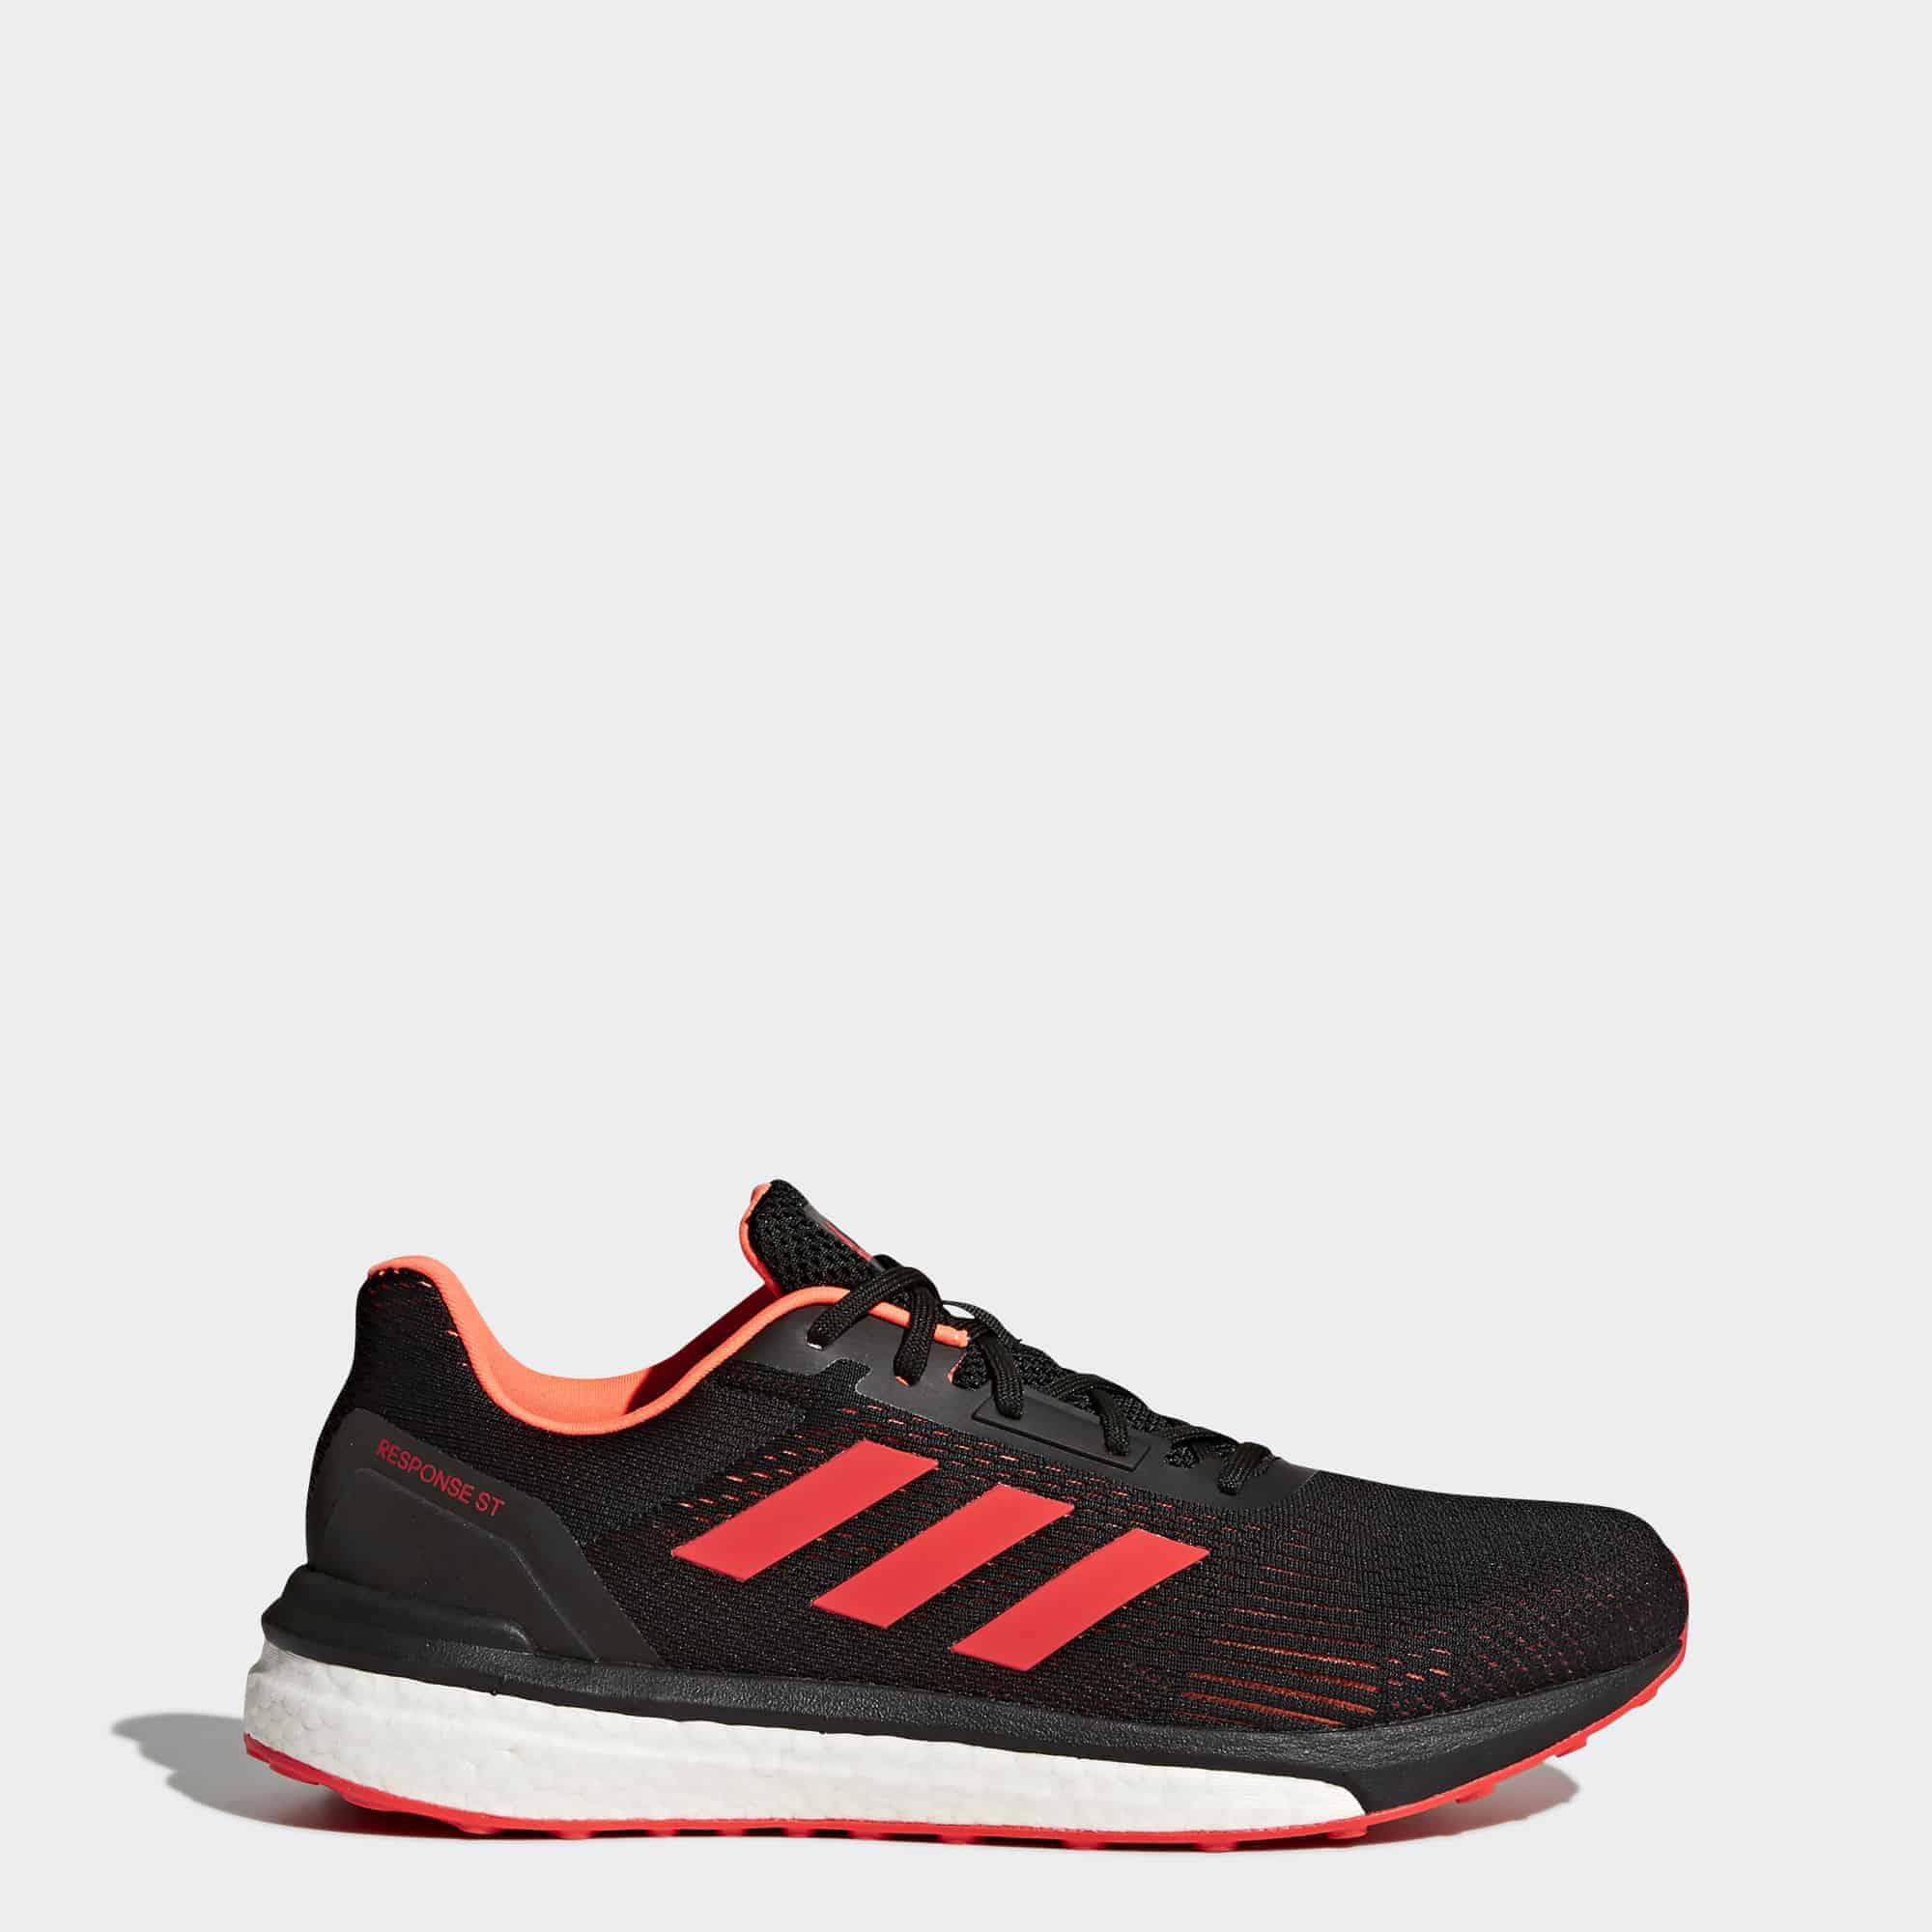 Кроссовки для бега Adidas Response ST мужские